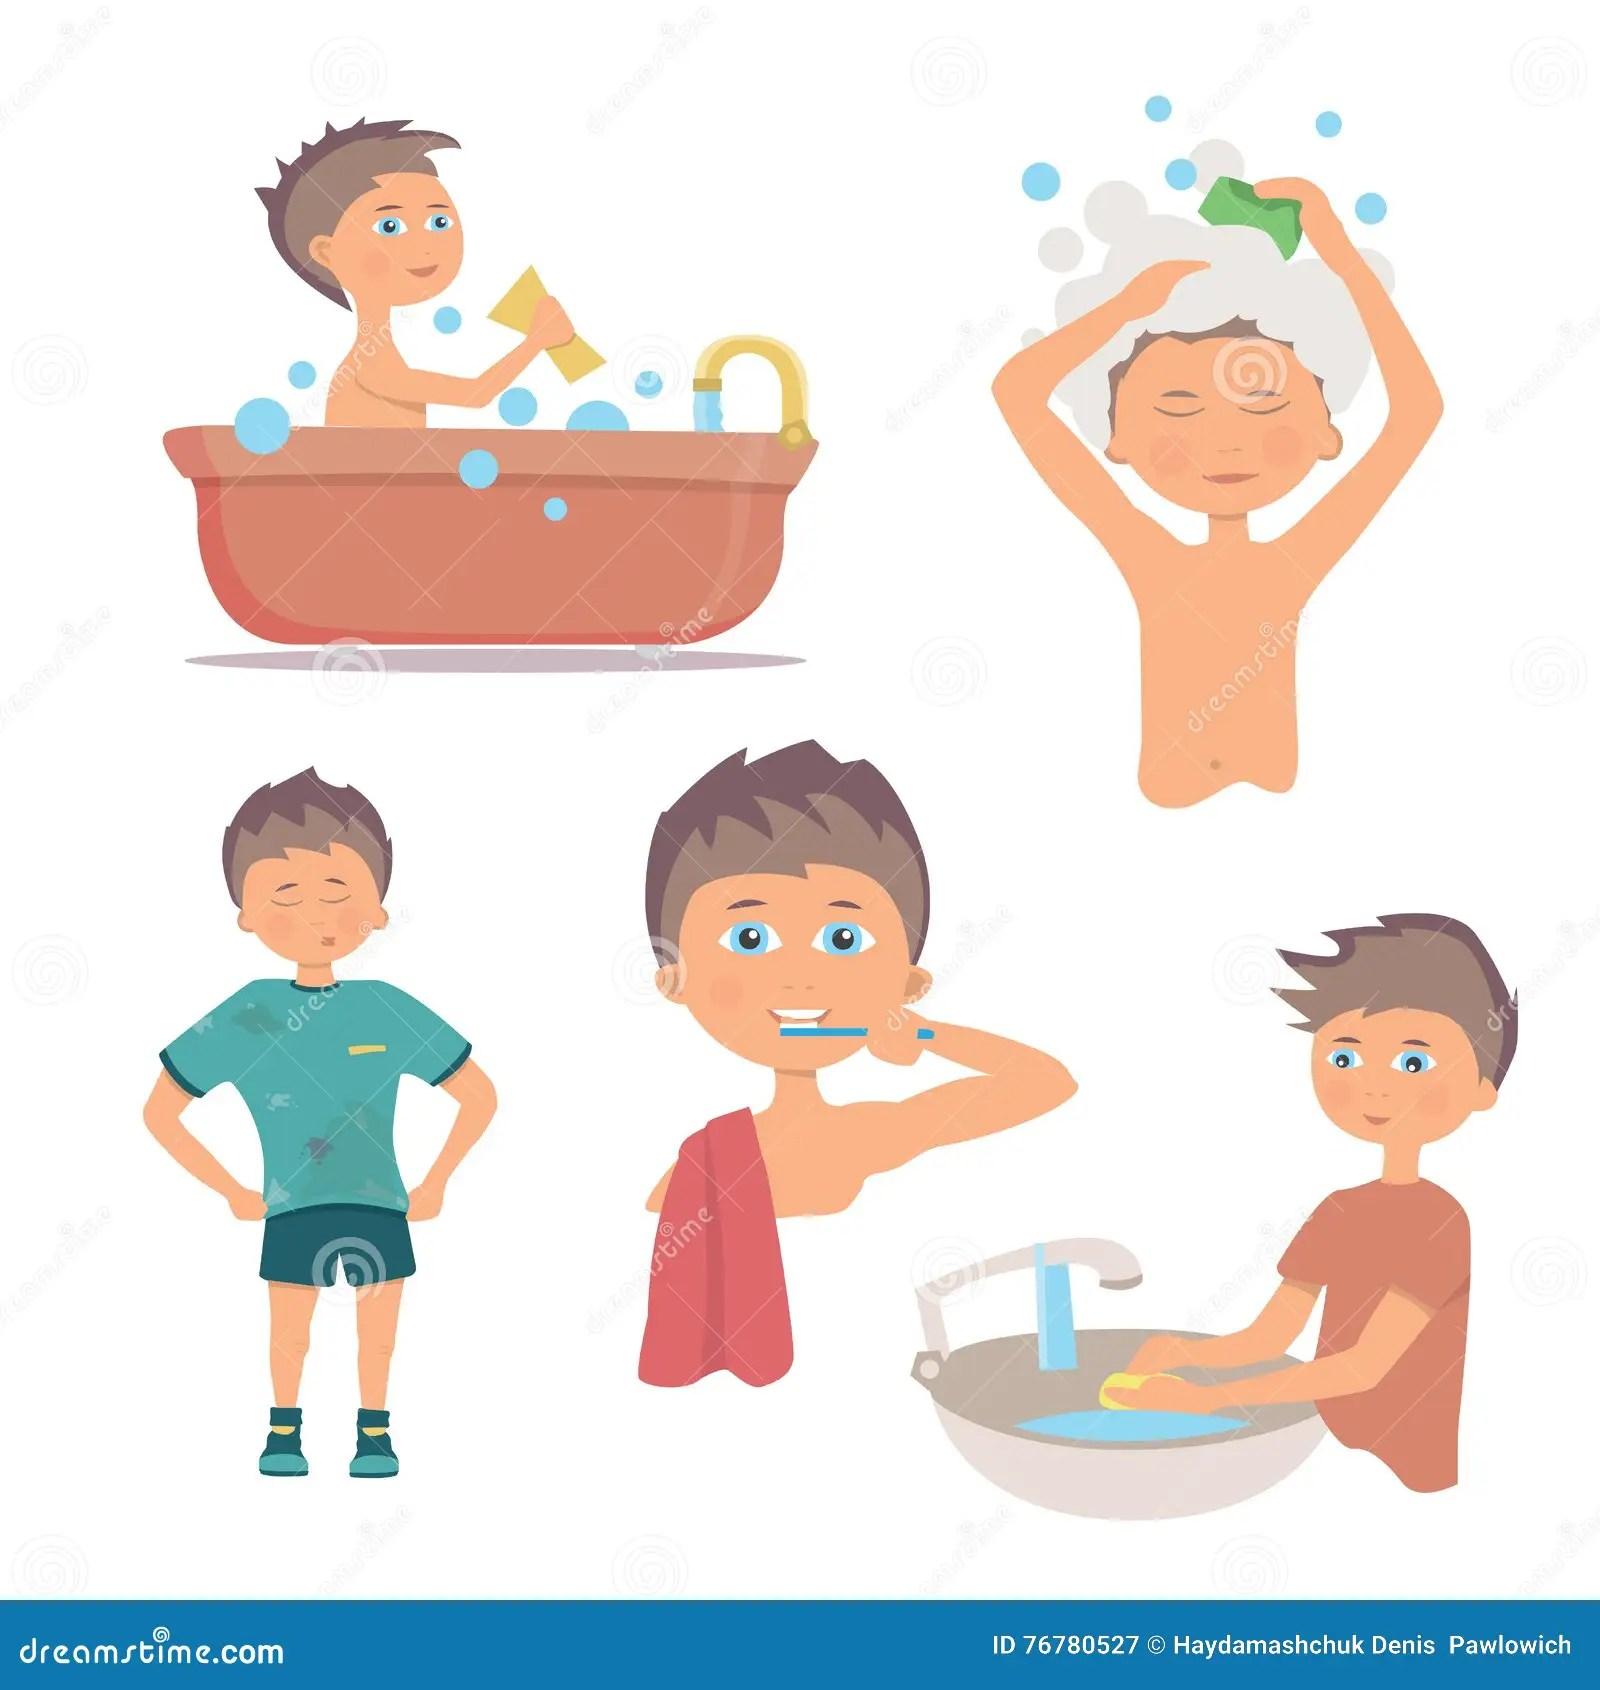 Higiene Personal De La Manana Y Procedura De Las Manos